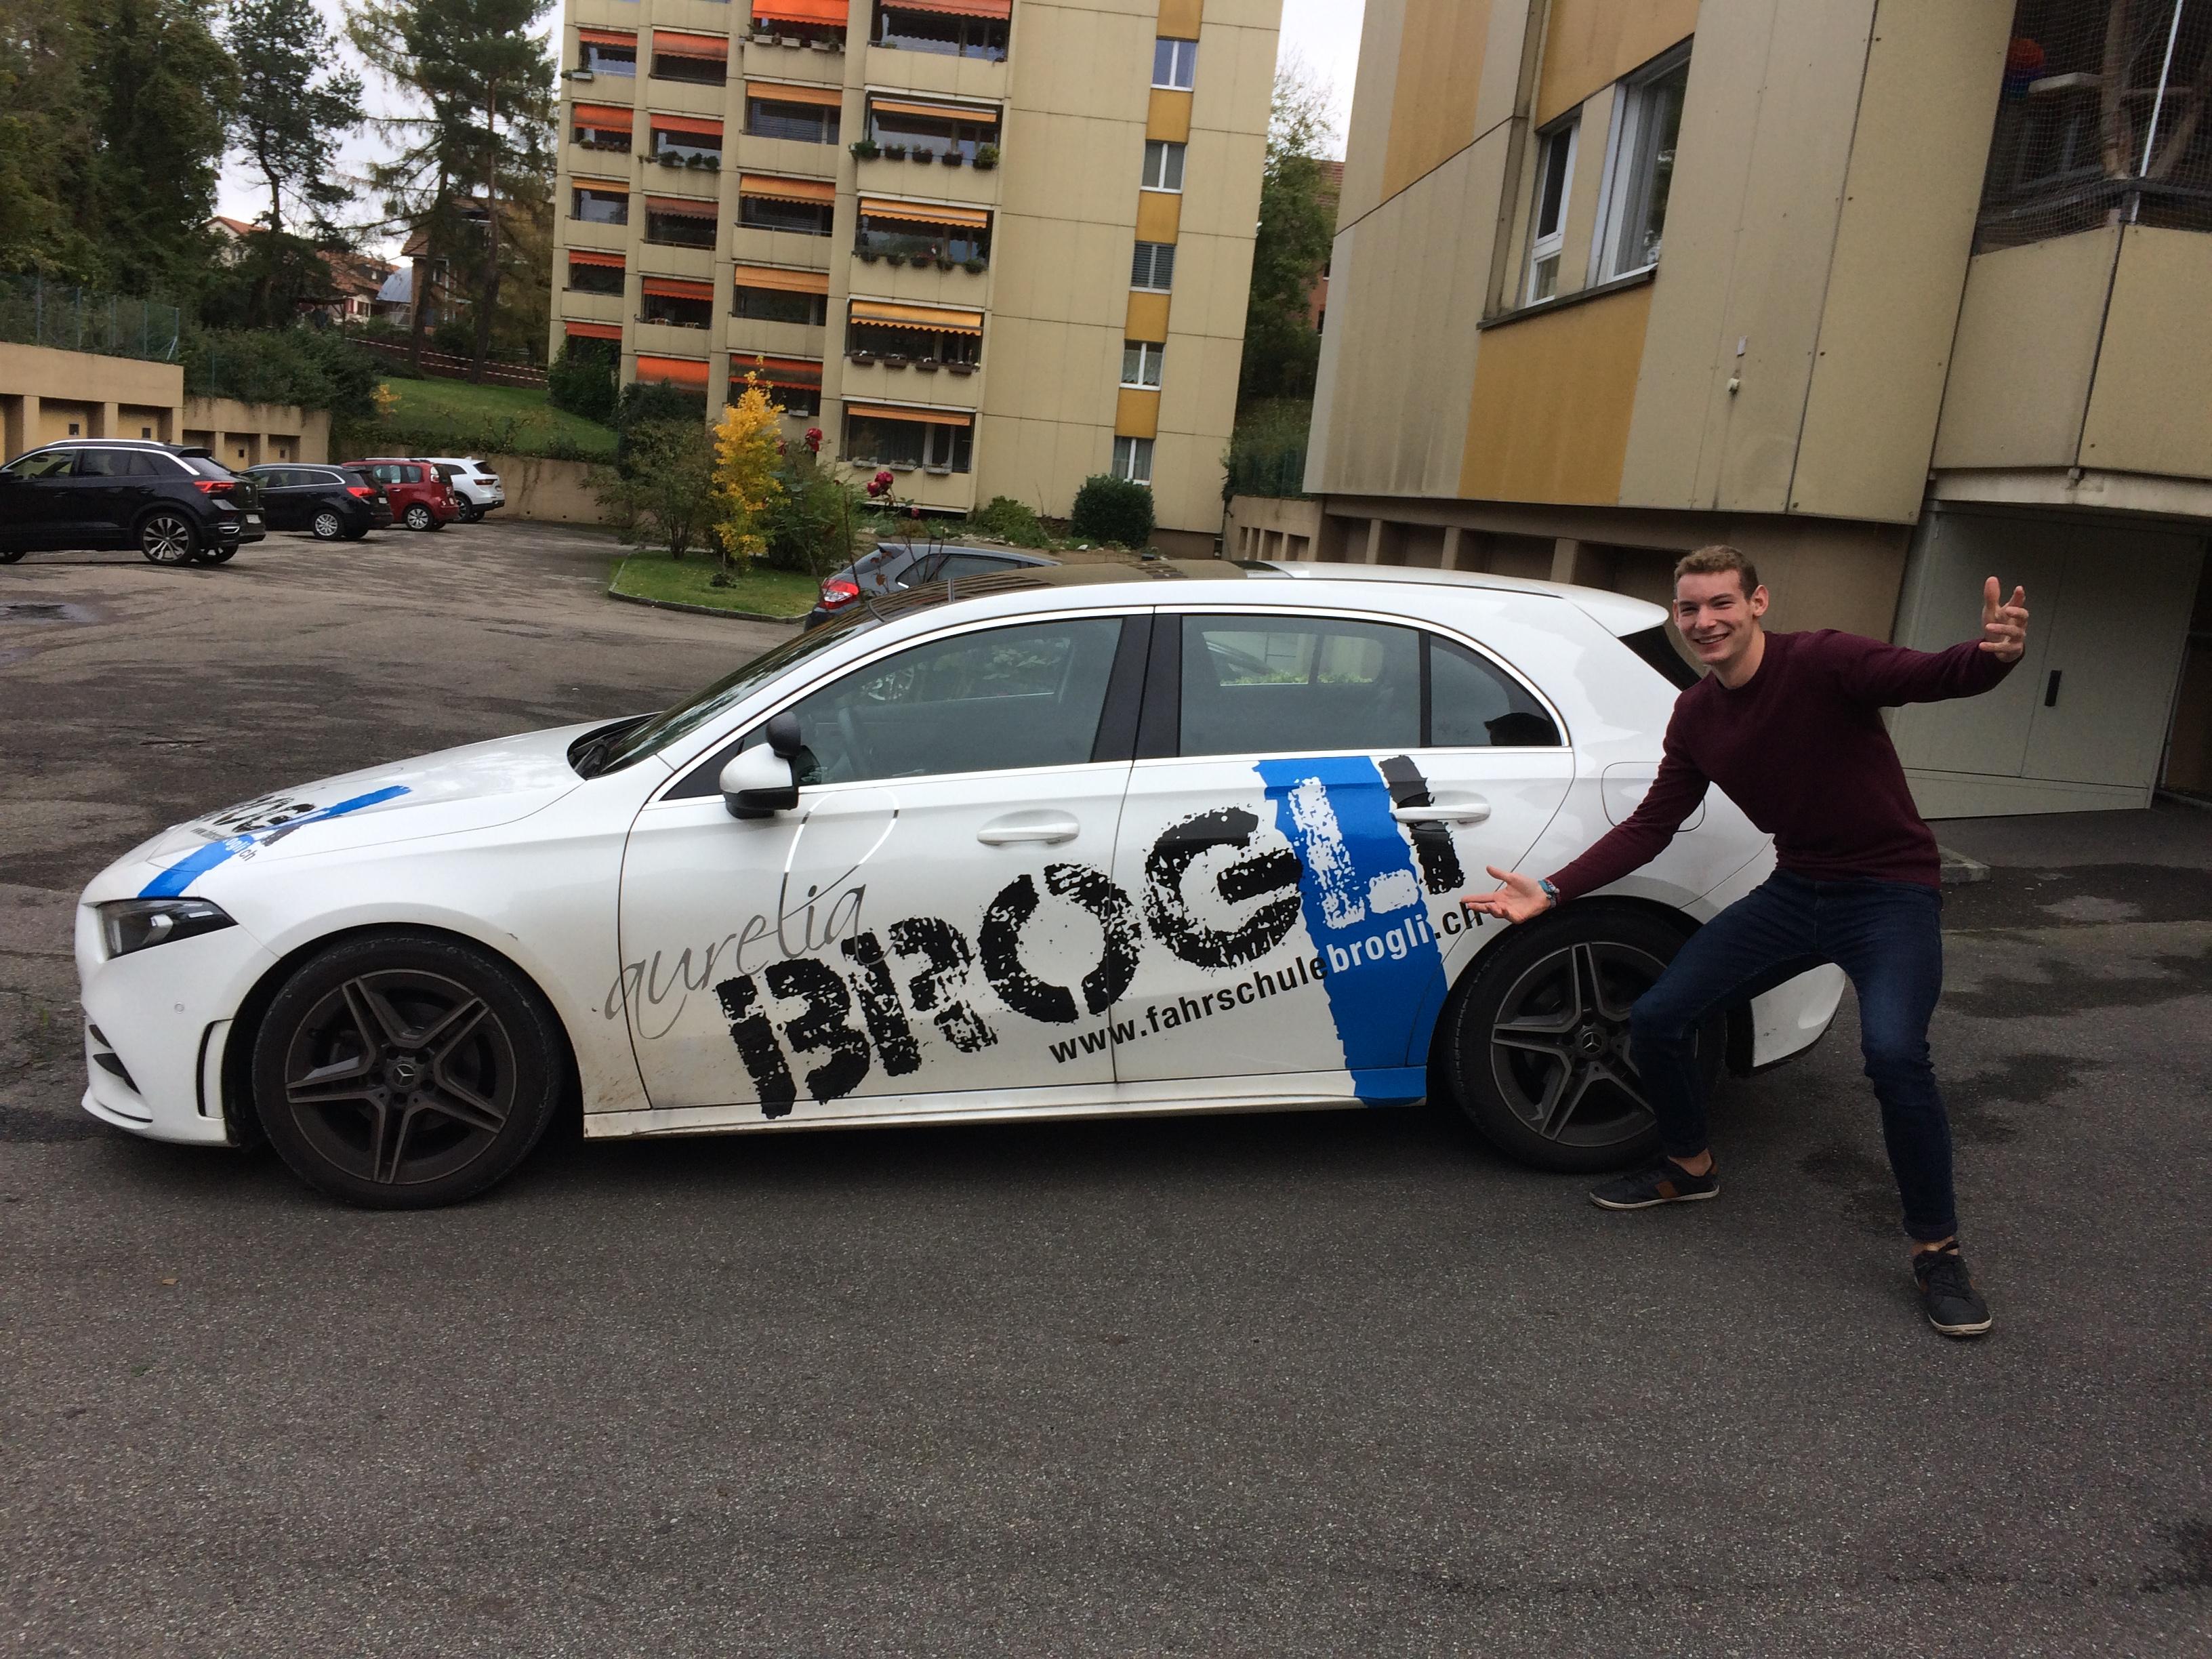 Fahrschule Brogli, Rheinfelden Tobias